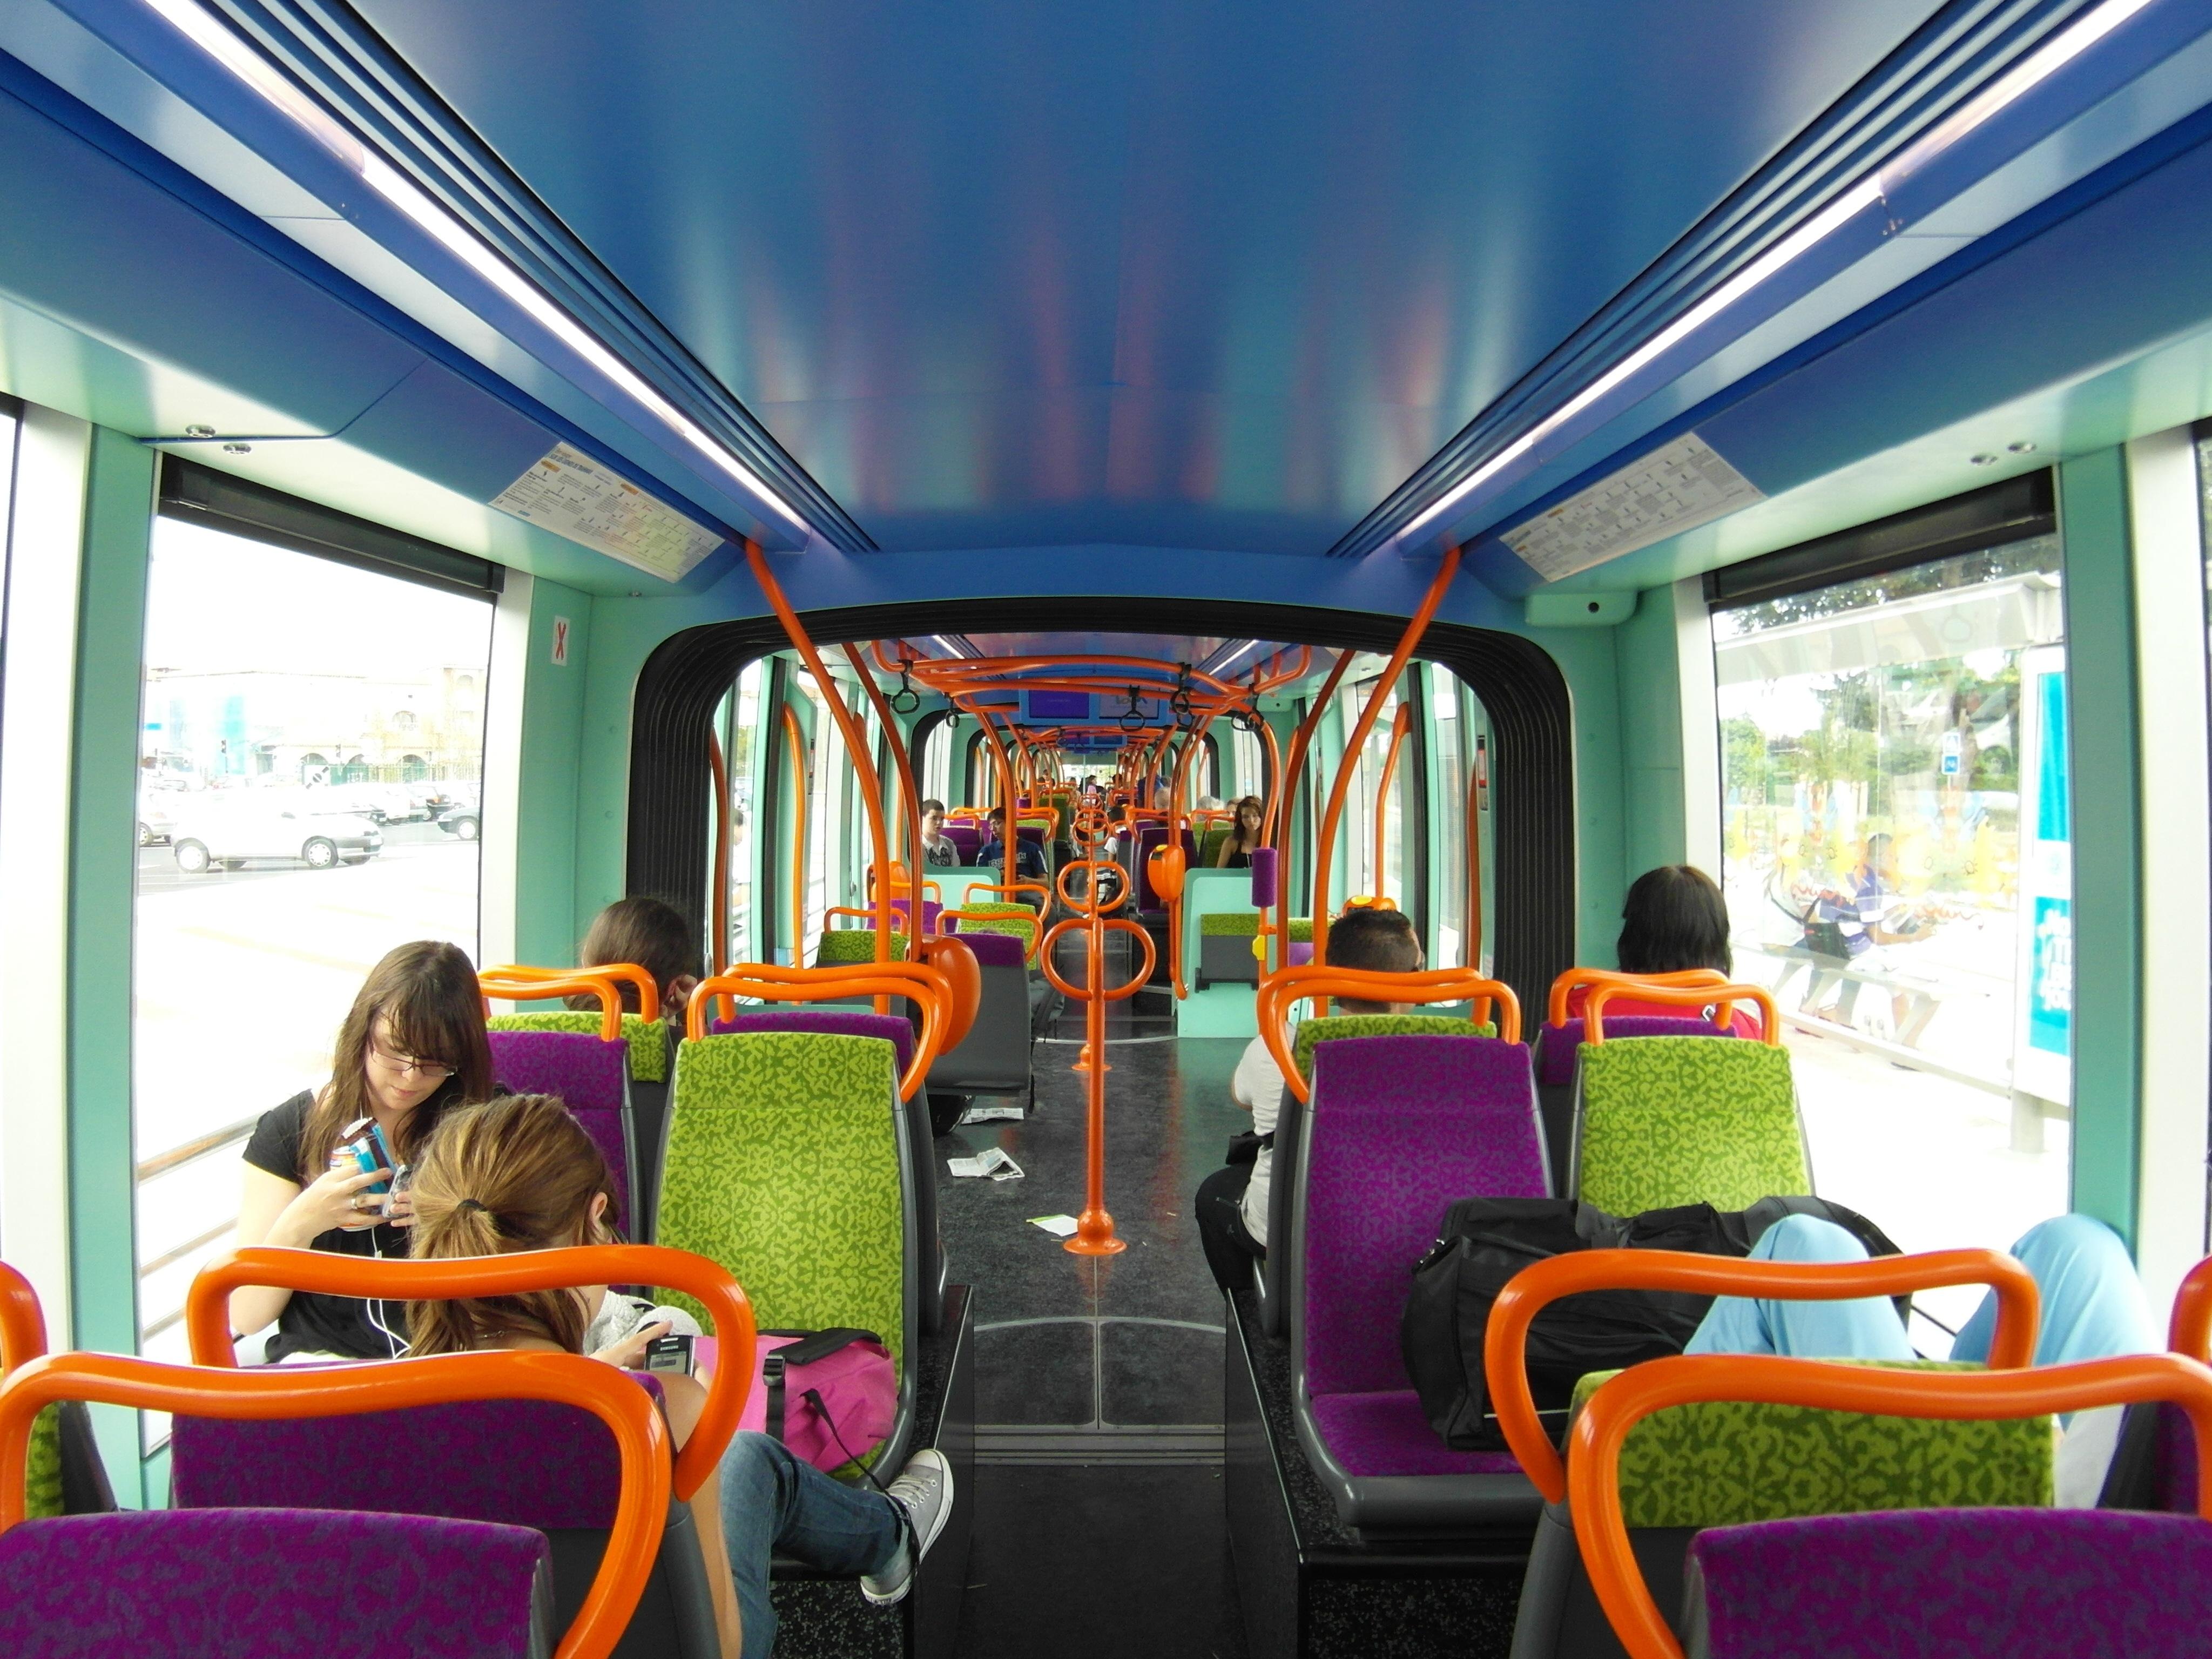 Montpellier Tram Line File:montpellier Tram 3